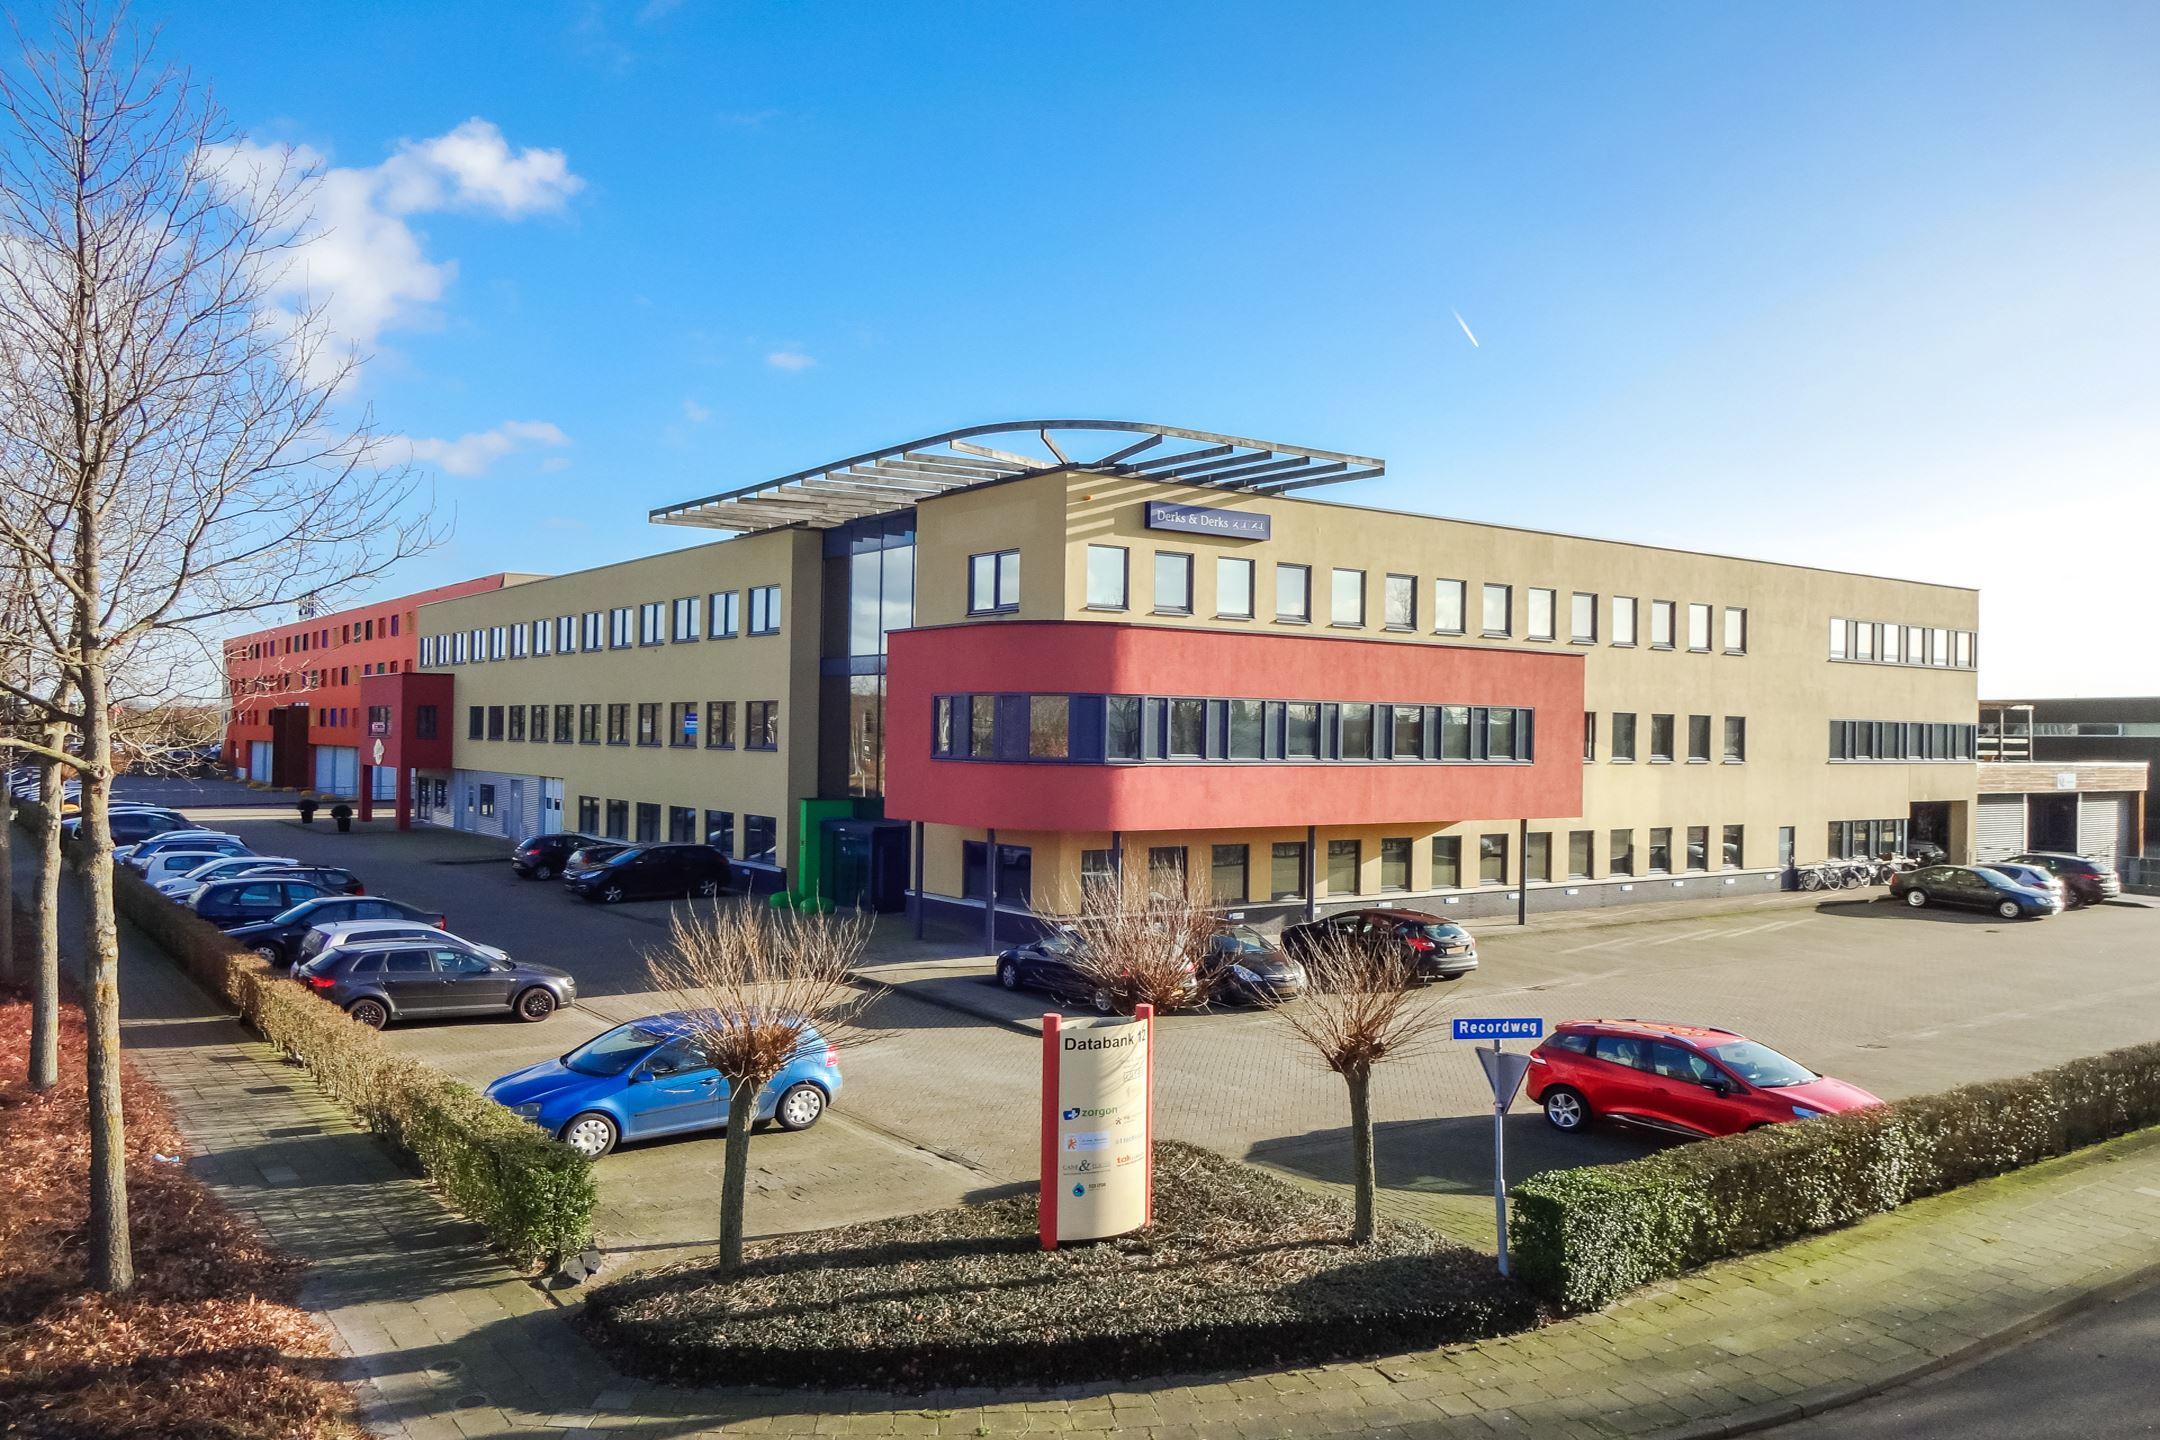 Garage Huren Amersfoort : Kantoor amersfoort zoek kantoren te huur databankweg